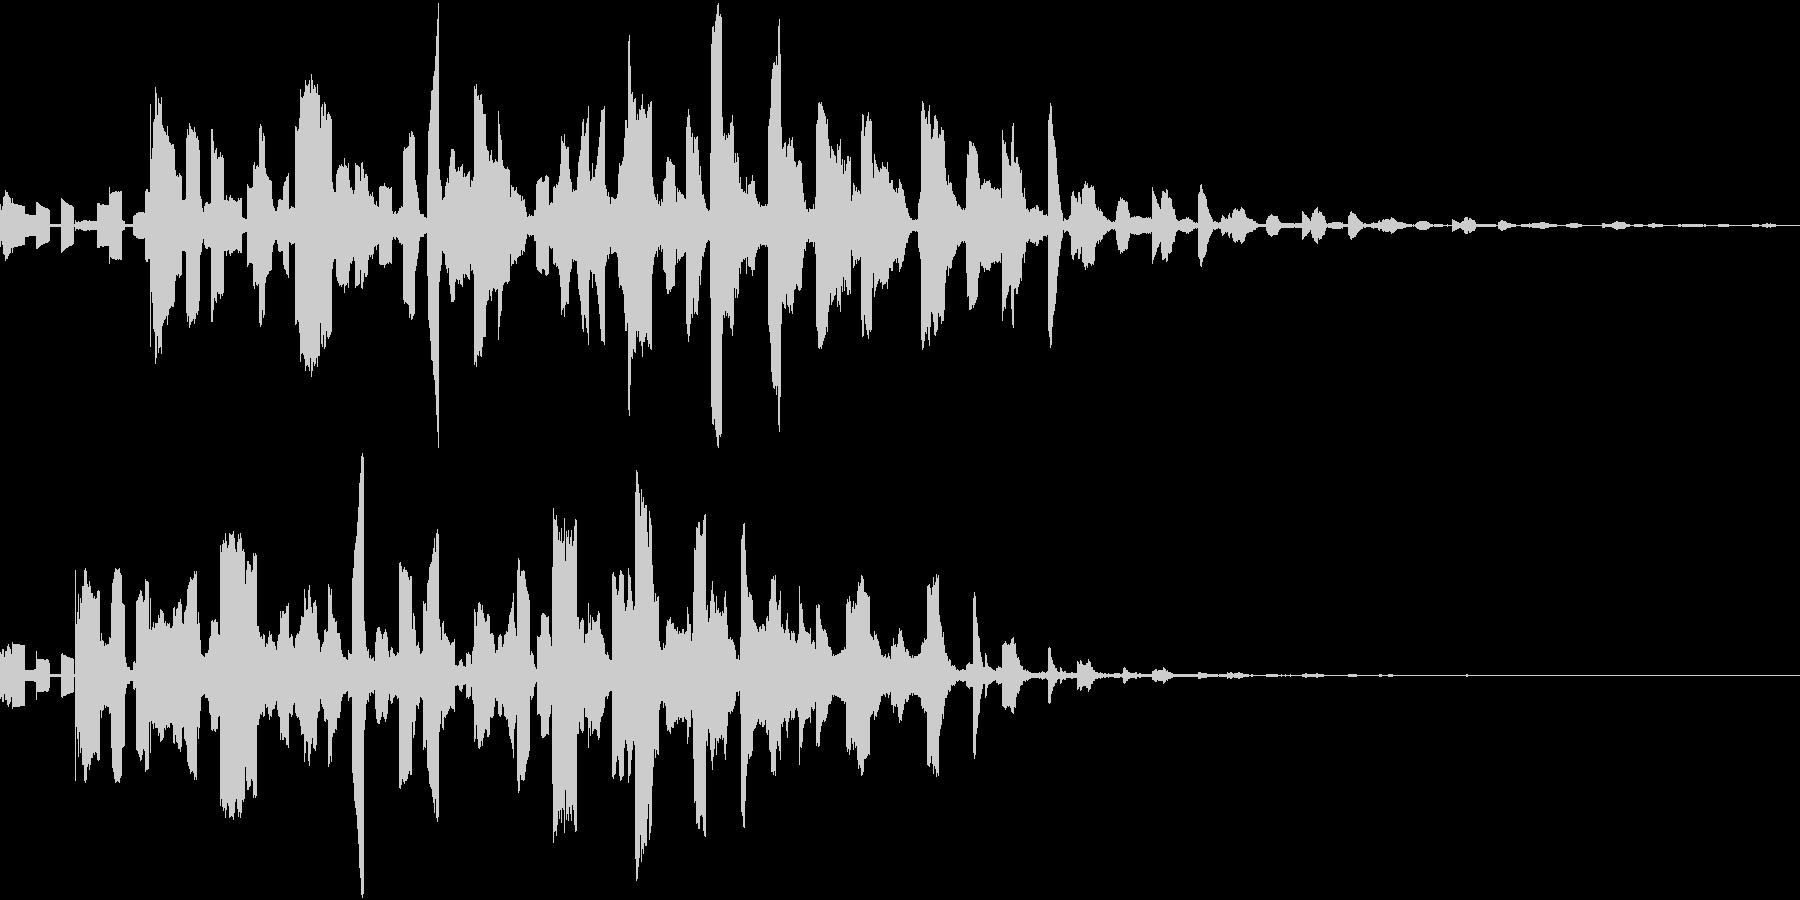 ロボットの鳥の機械的な鳴き声の未再生の波形